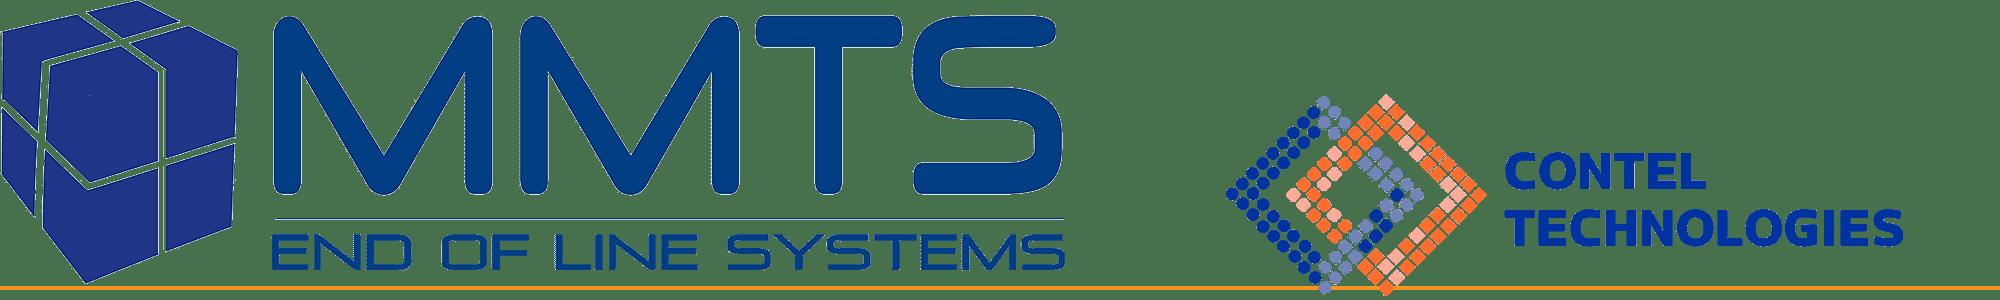 קידום אורגני בגוגל של חברת פתרונות אוטומציה למפעלי תעשייה